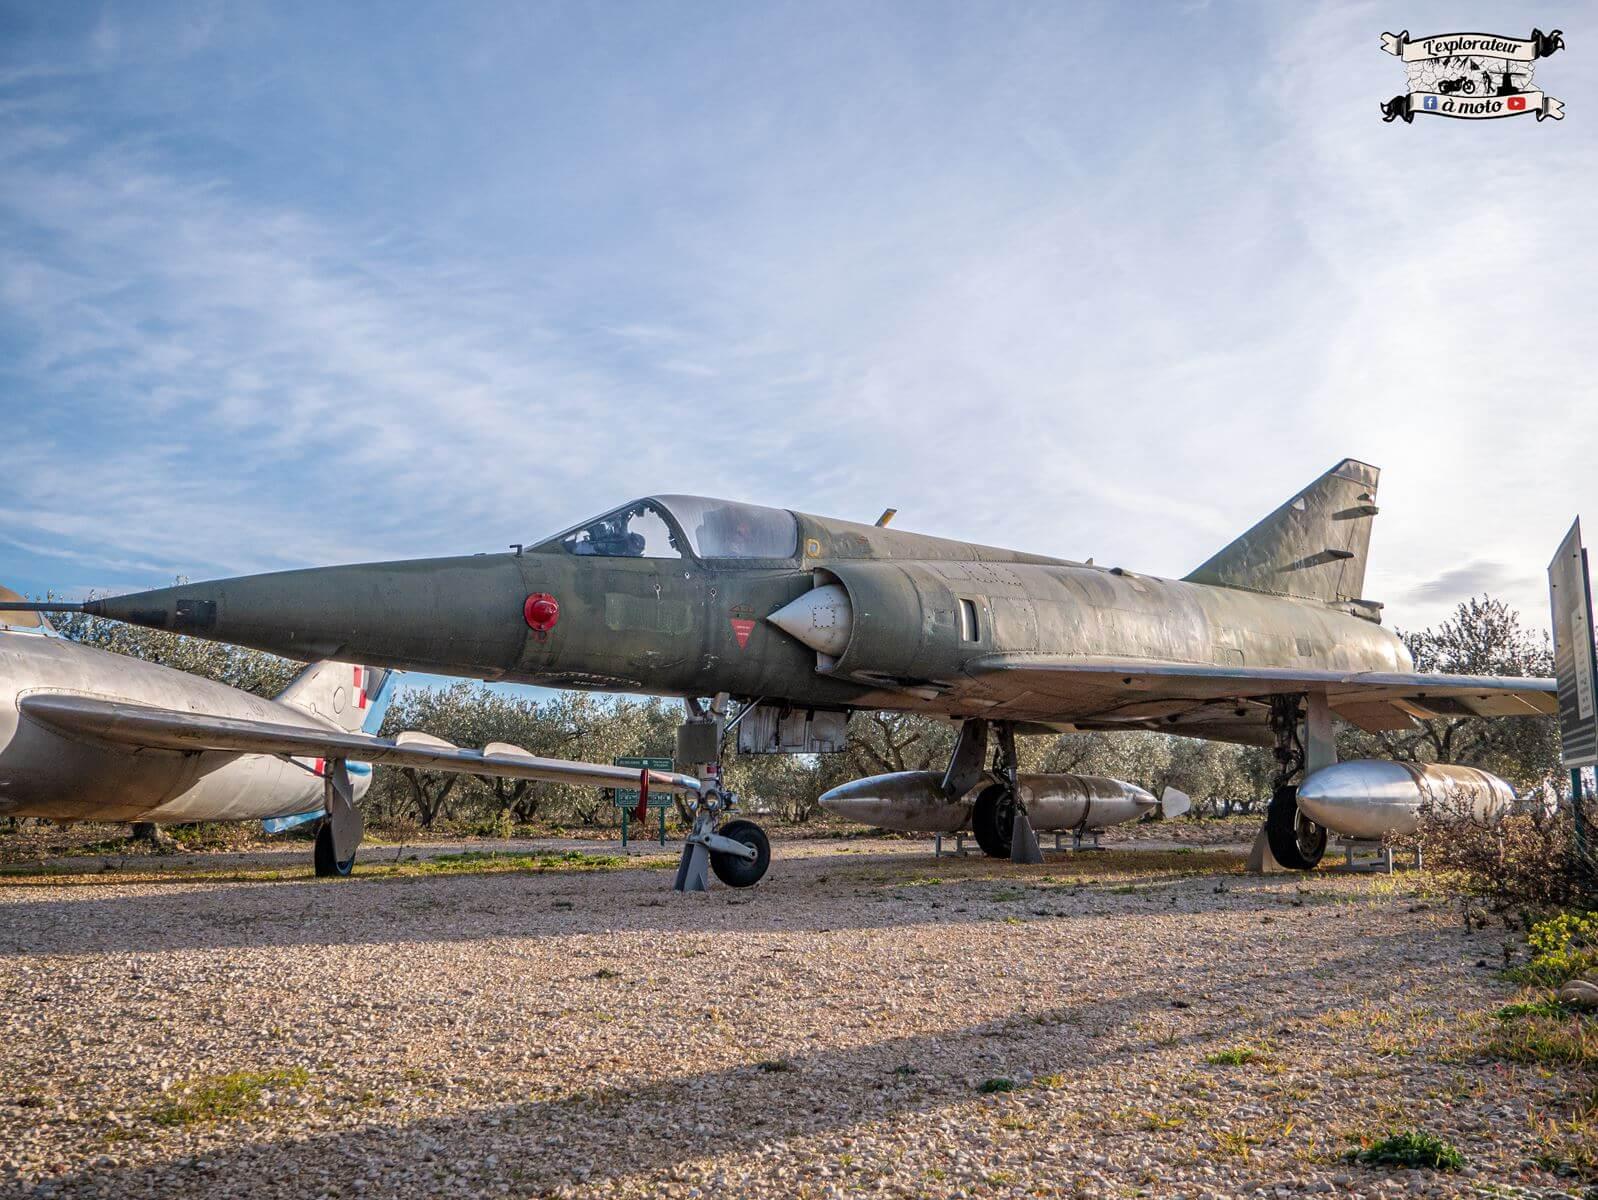 Avion de chasse Mirage 5BA 033, Chateau de Bosc - lexplorateuramoto.com